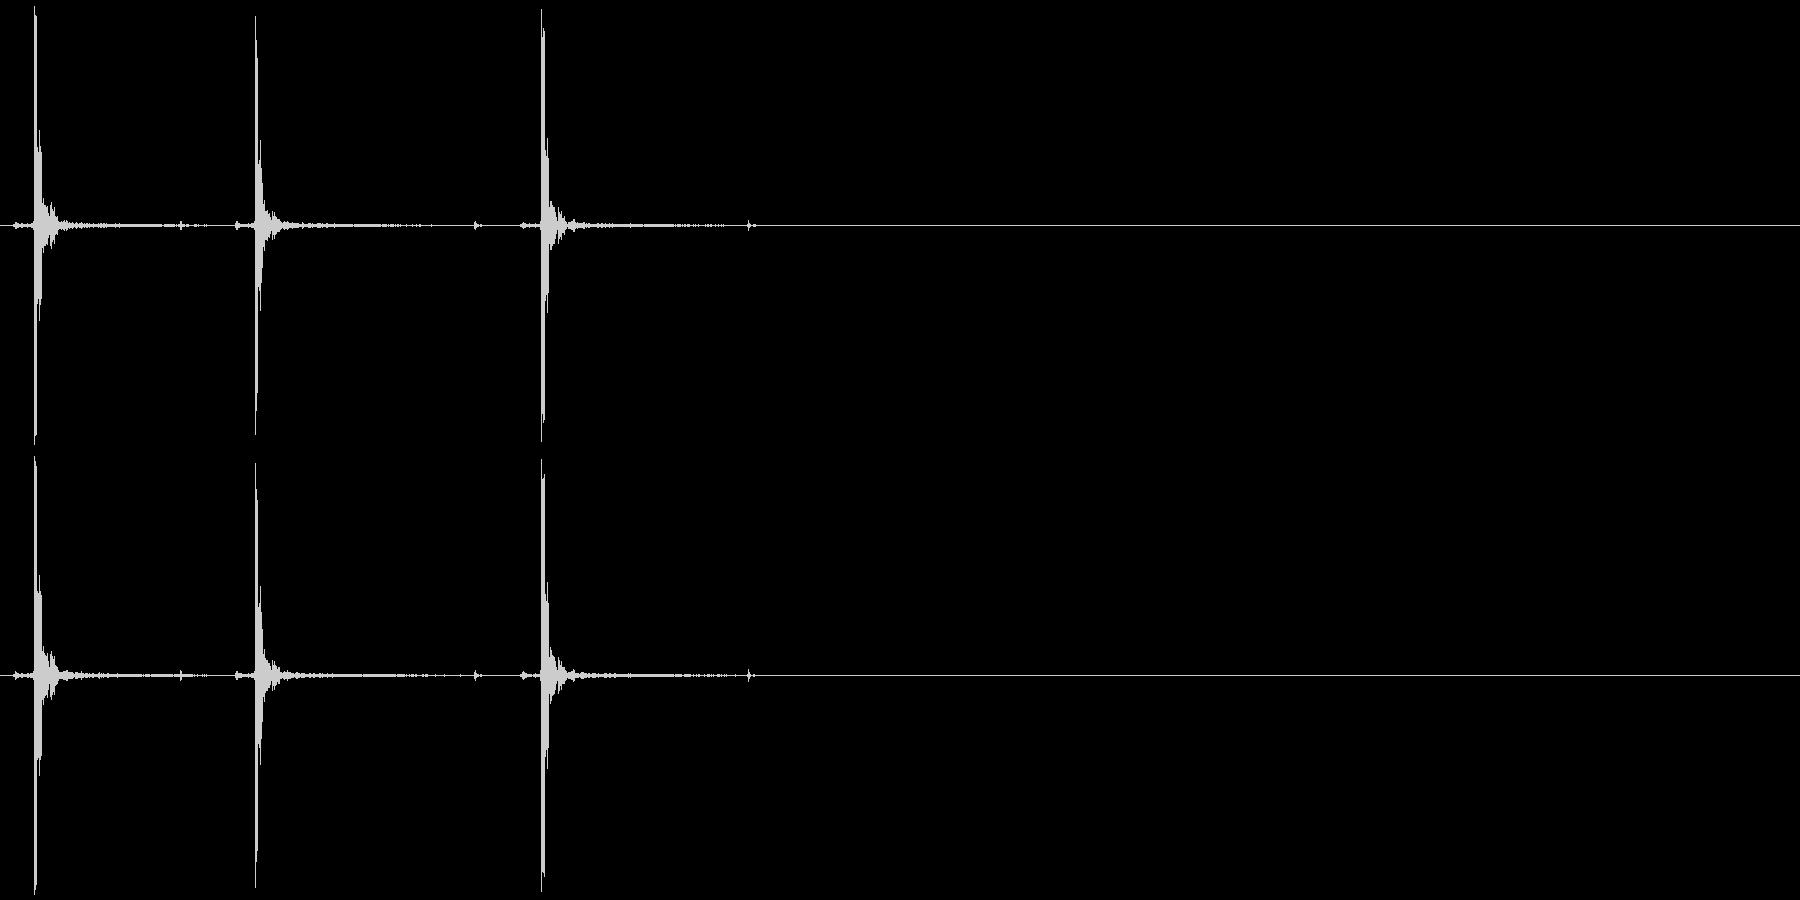 ペイントボールガン:半自動:3ショ...の未再生の波形